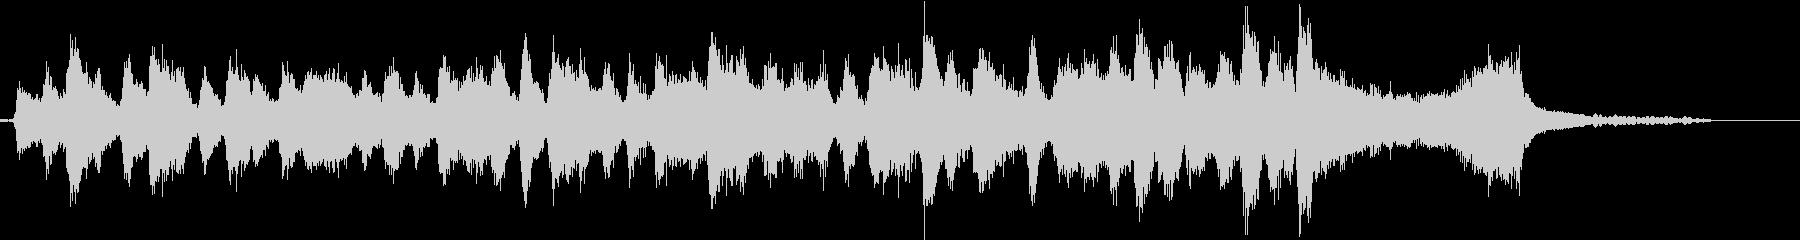 生演奏:軽やかな弦楽四重奏&ピアノの未再生の波形